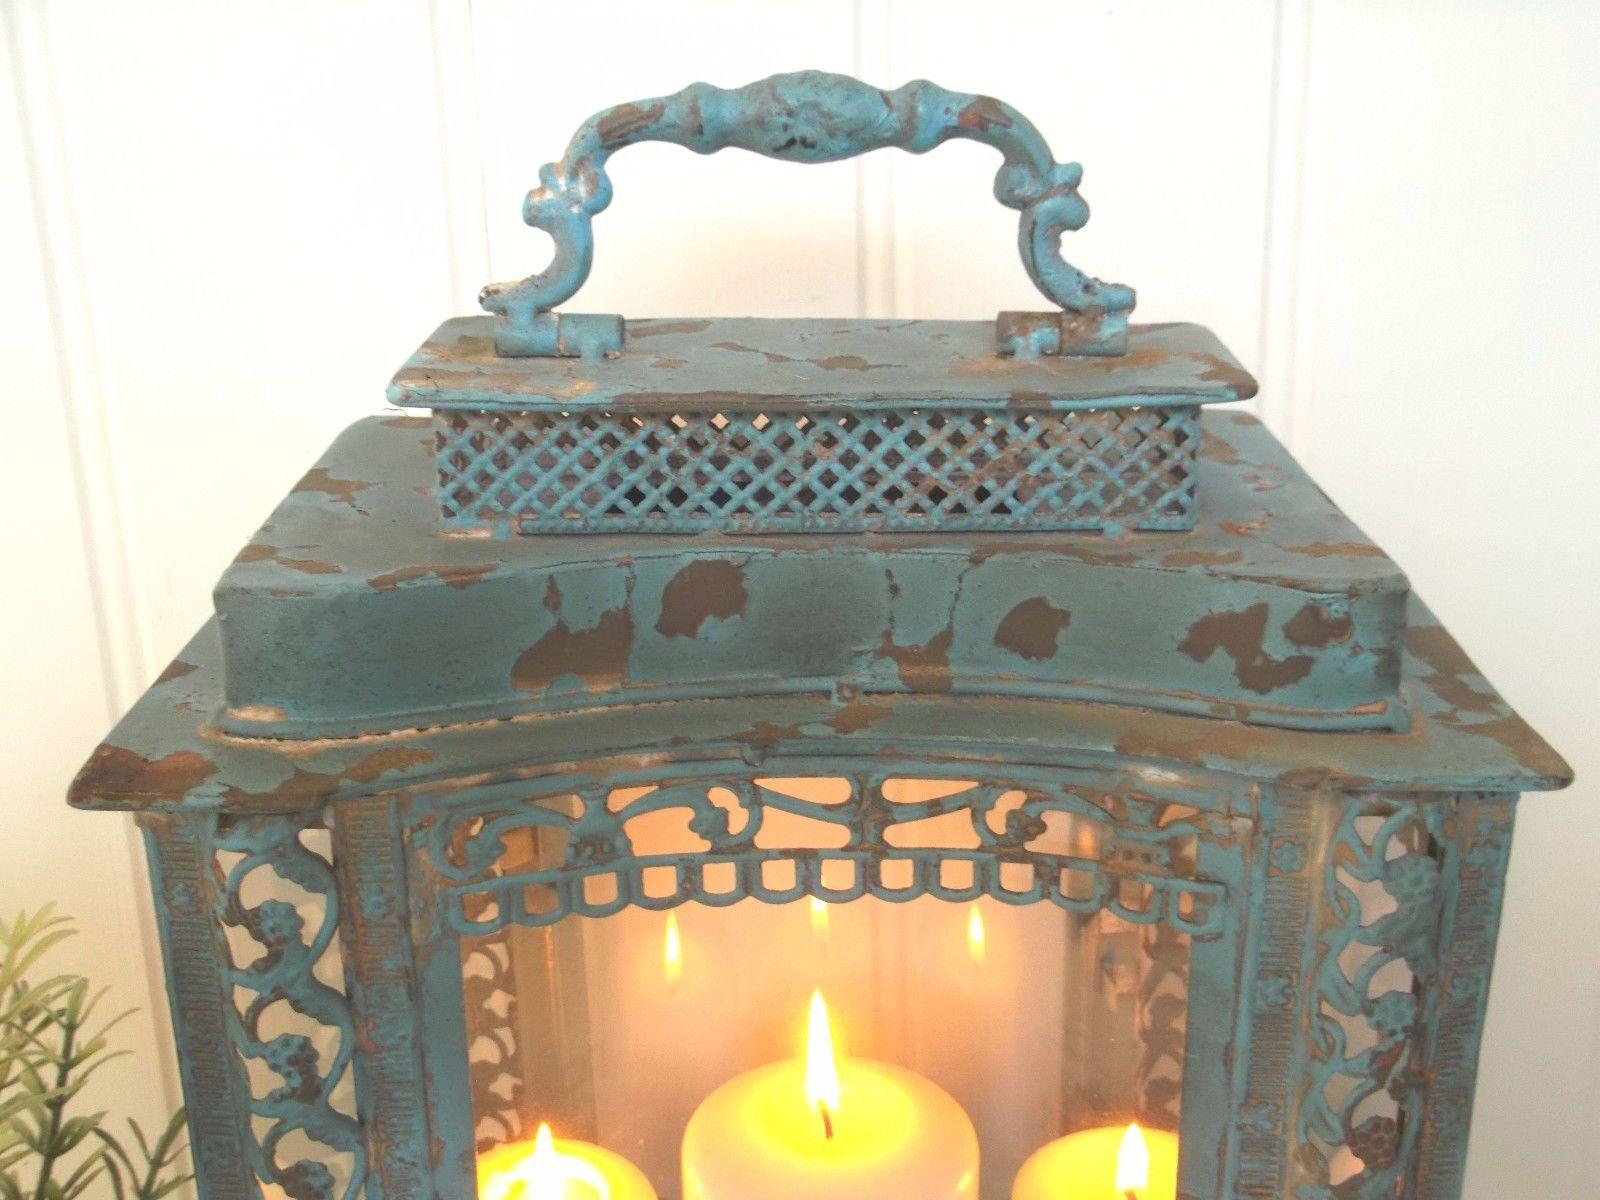 Large French Vintage Style Lantern Candle Holder Shabby